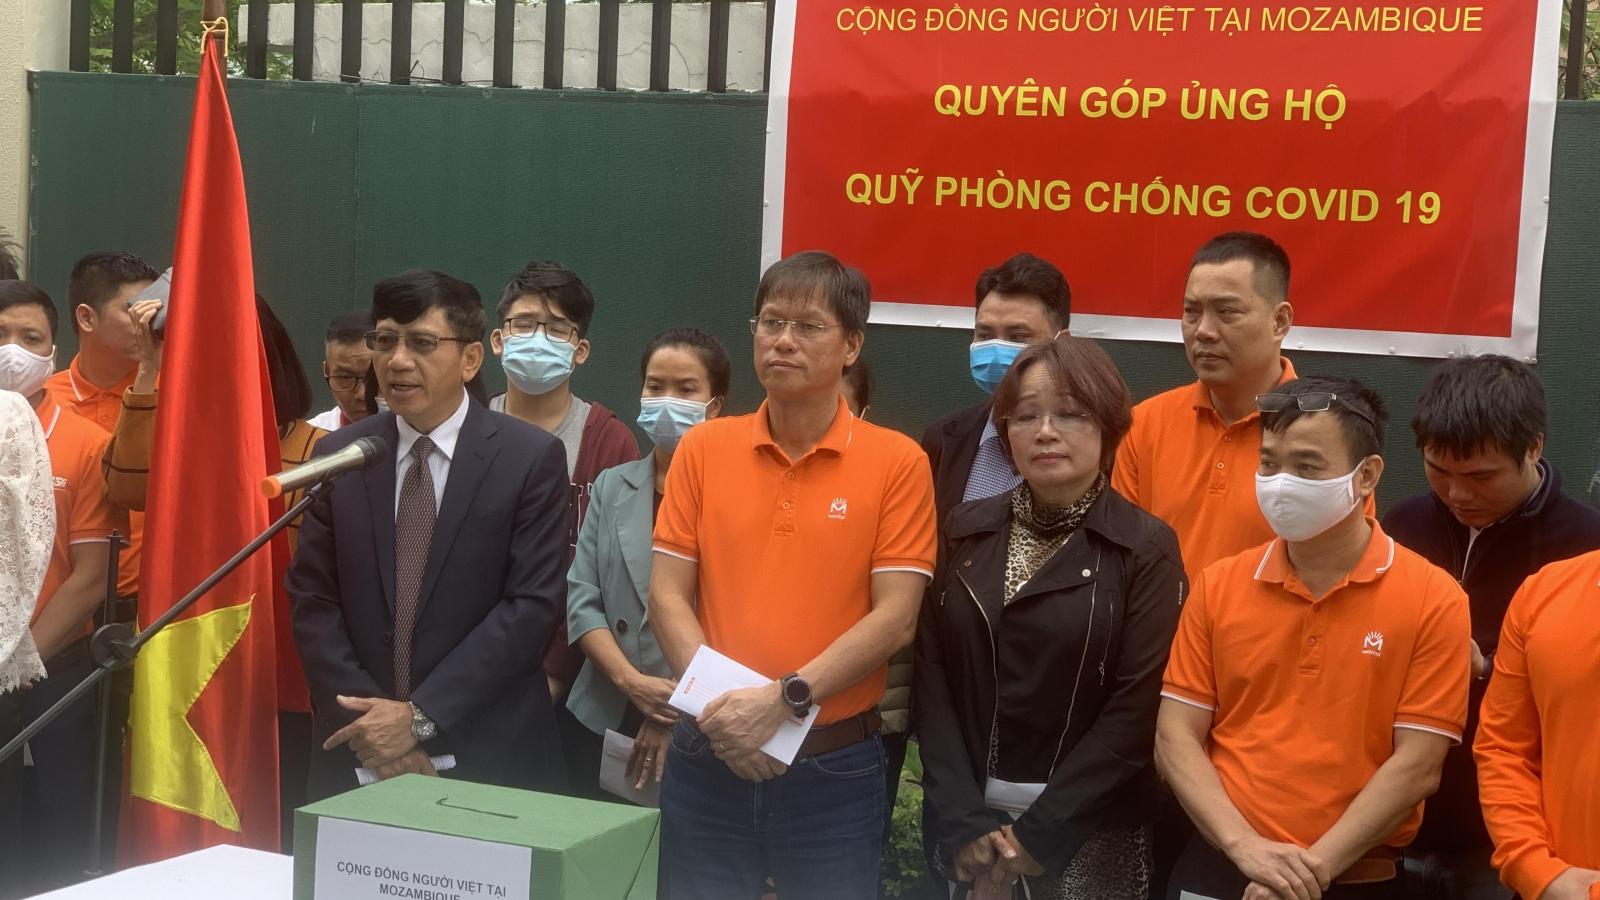 Cộng đồng người Việt ởMozmabique ủng hộ Quỹ Vaccine phòng, chống COVID-19